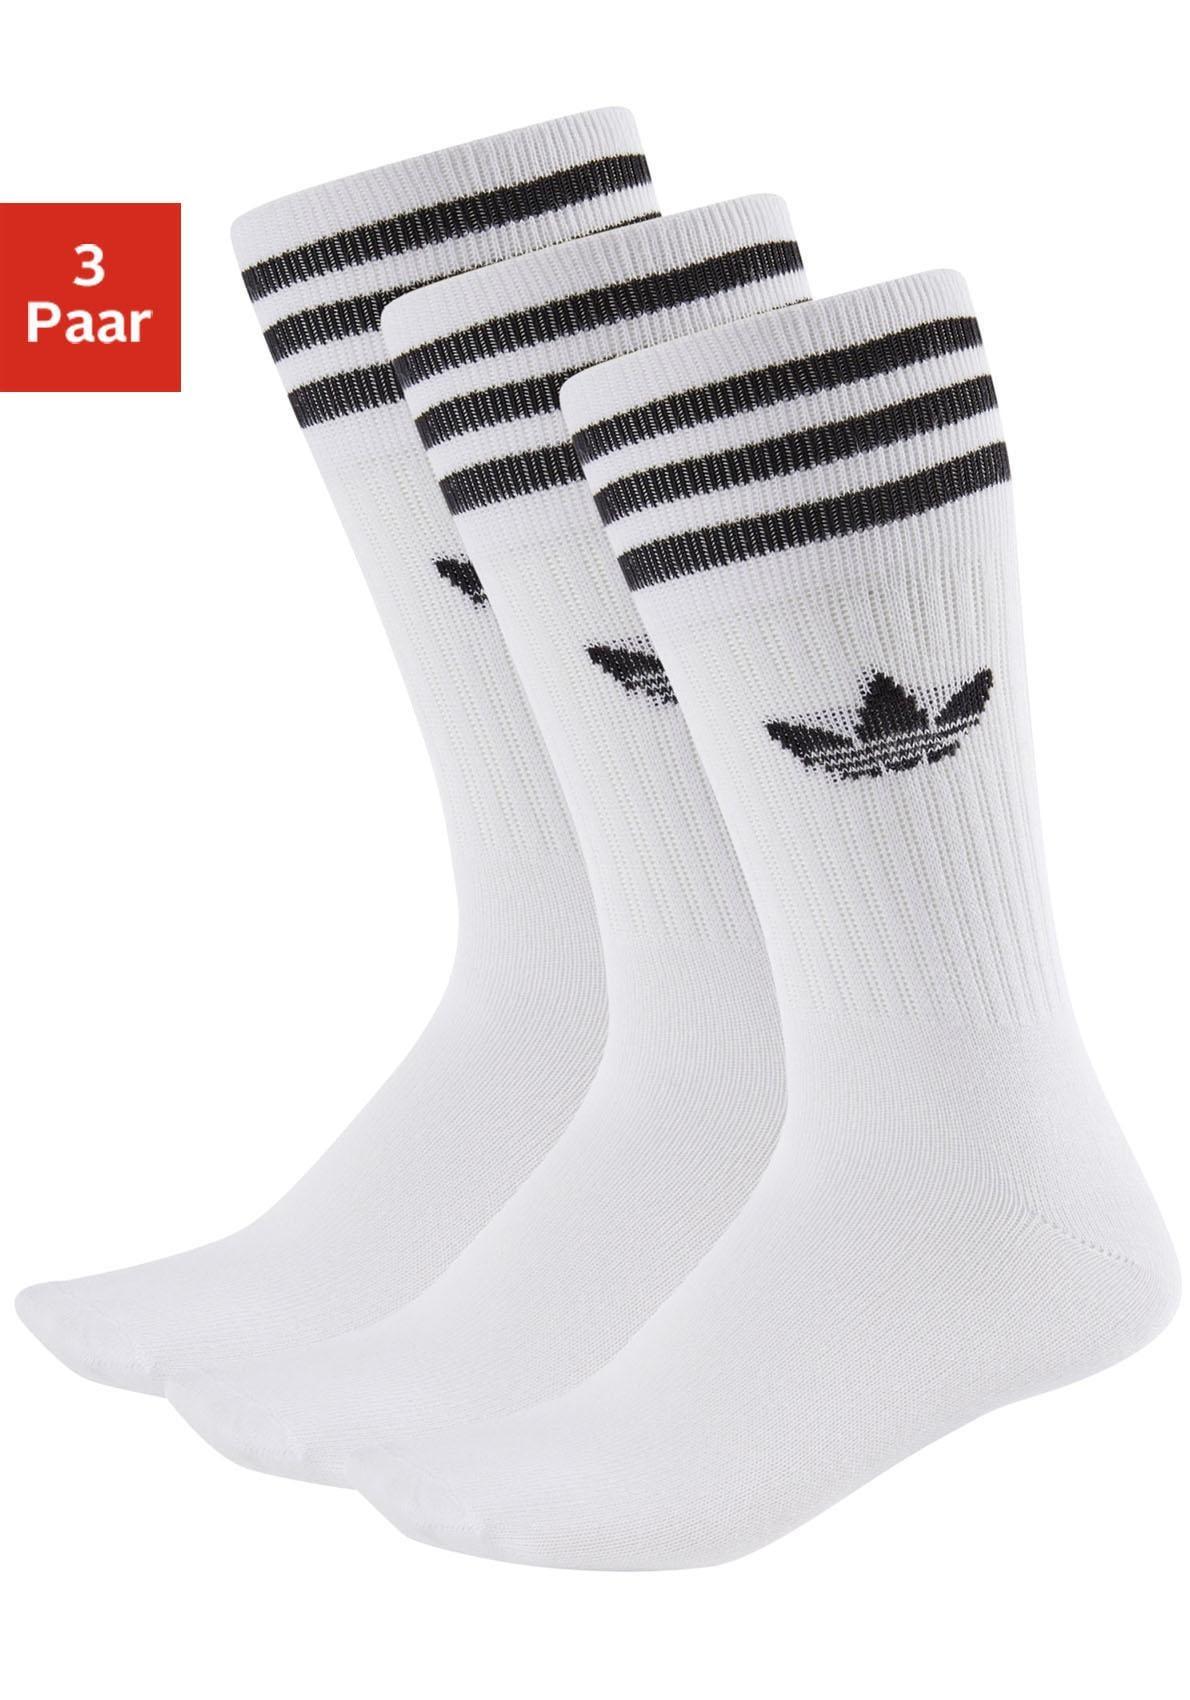 Image of adidas Originals Socken Crew (3 Paar)